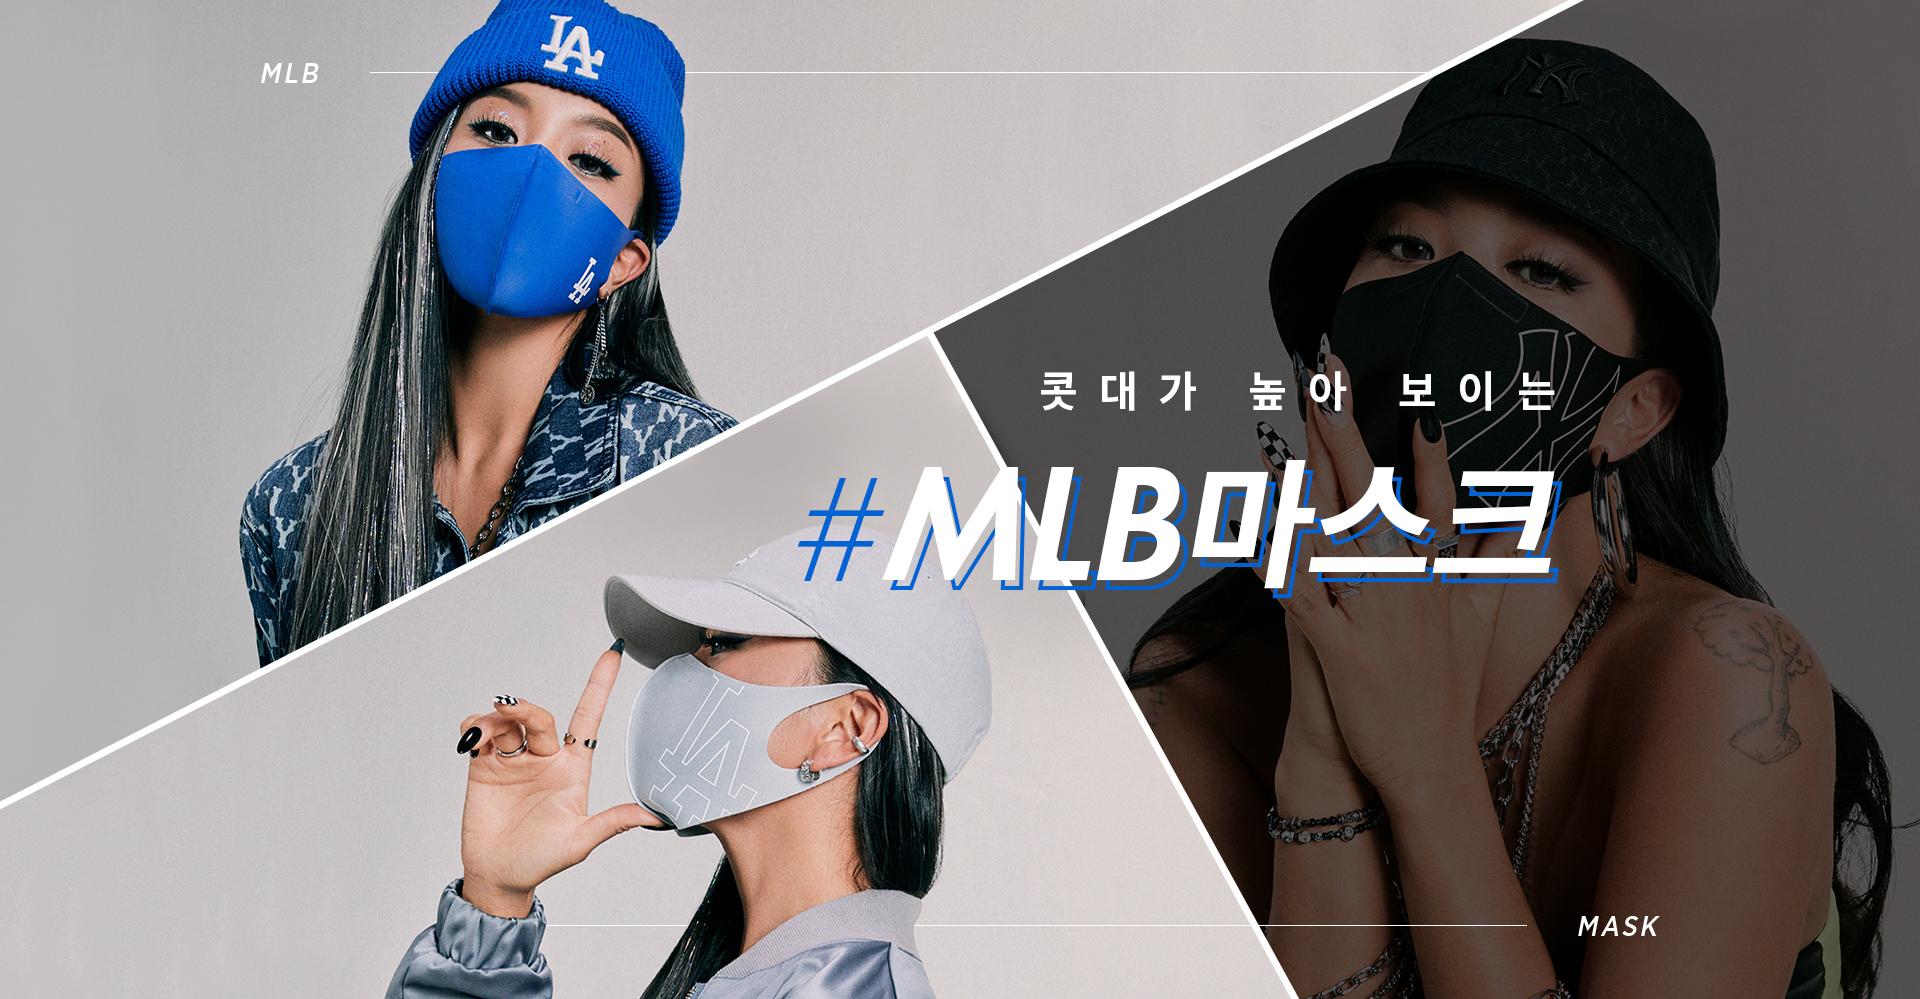 콧대가 높아 보이는 #MLB 마스크